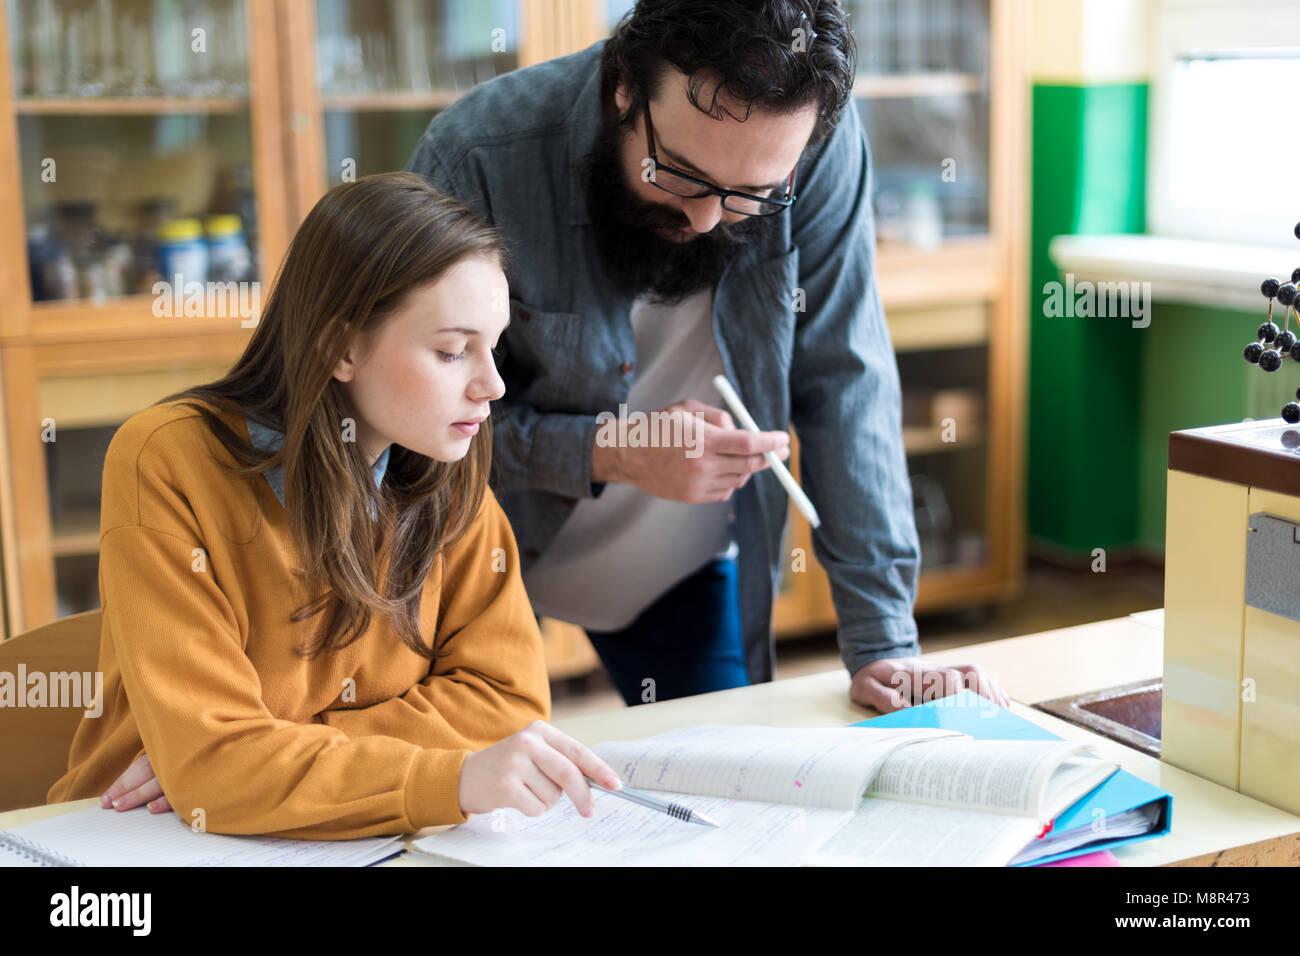 Jeune enseignant d'aider son élève en classe de chimie. L'éducation, de tutorat et de l'encouragement Photo Stock